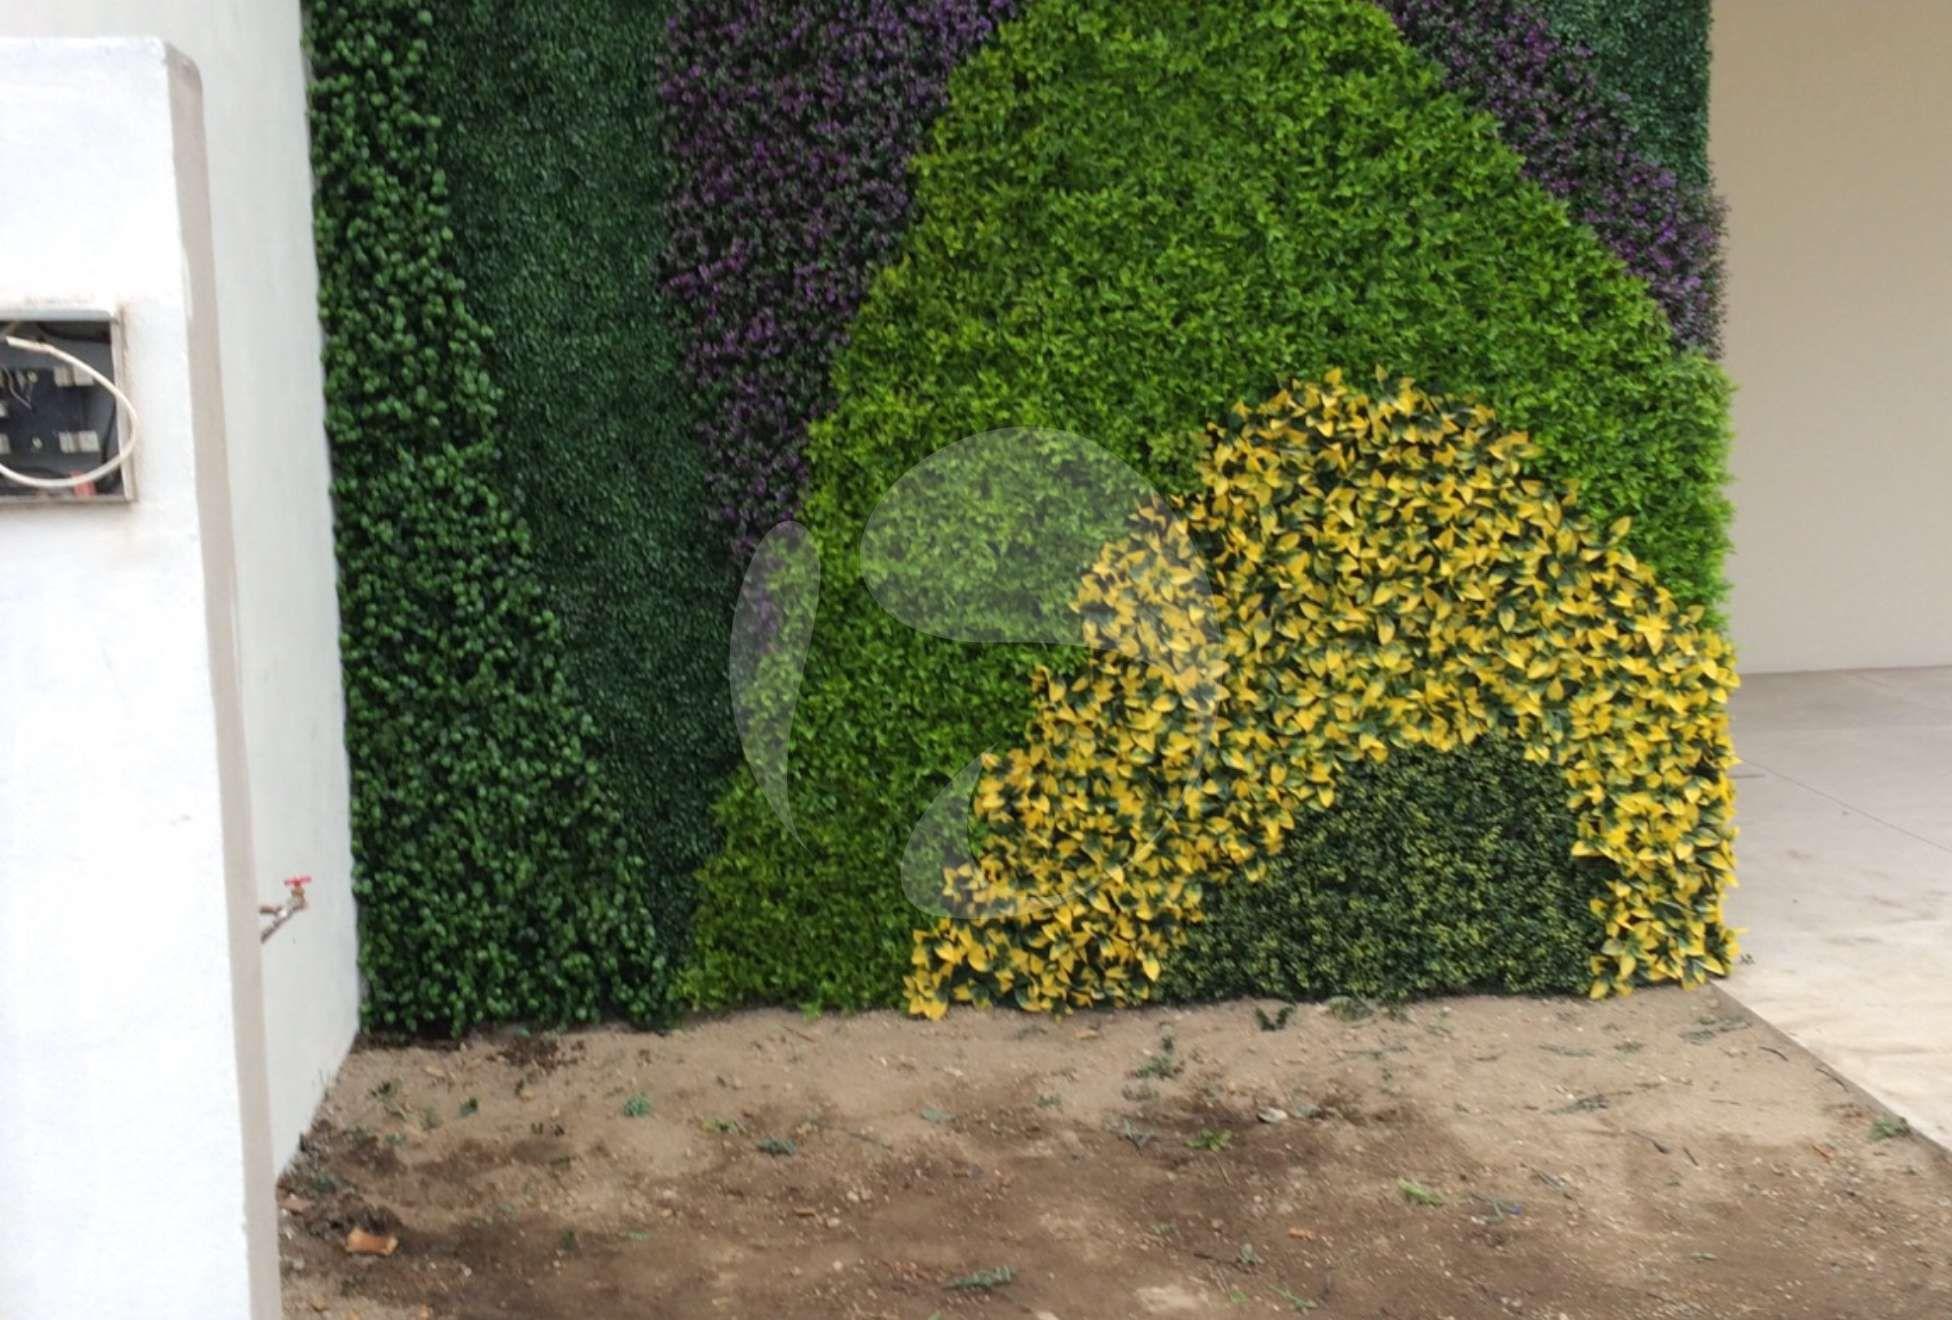 Muros verdes en la ciudad de puebla jardines verticales for Muros verdes naturales